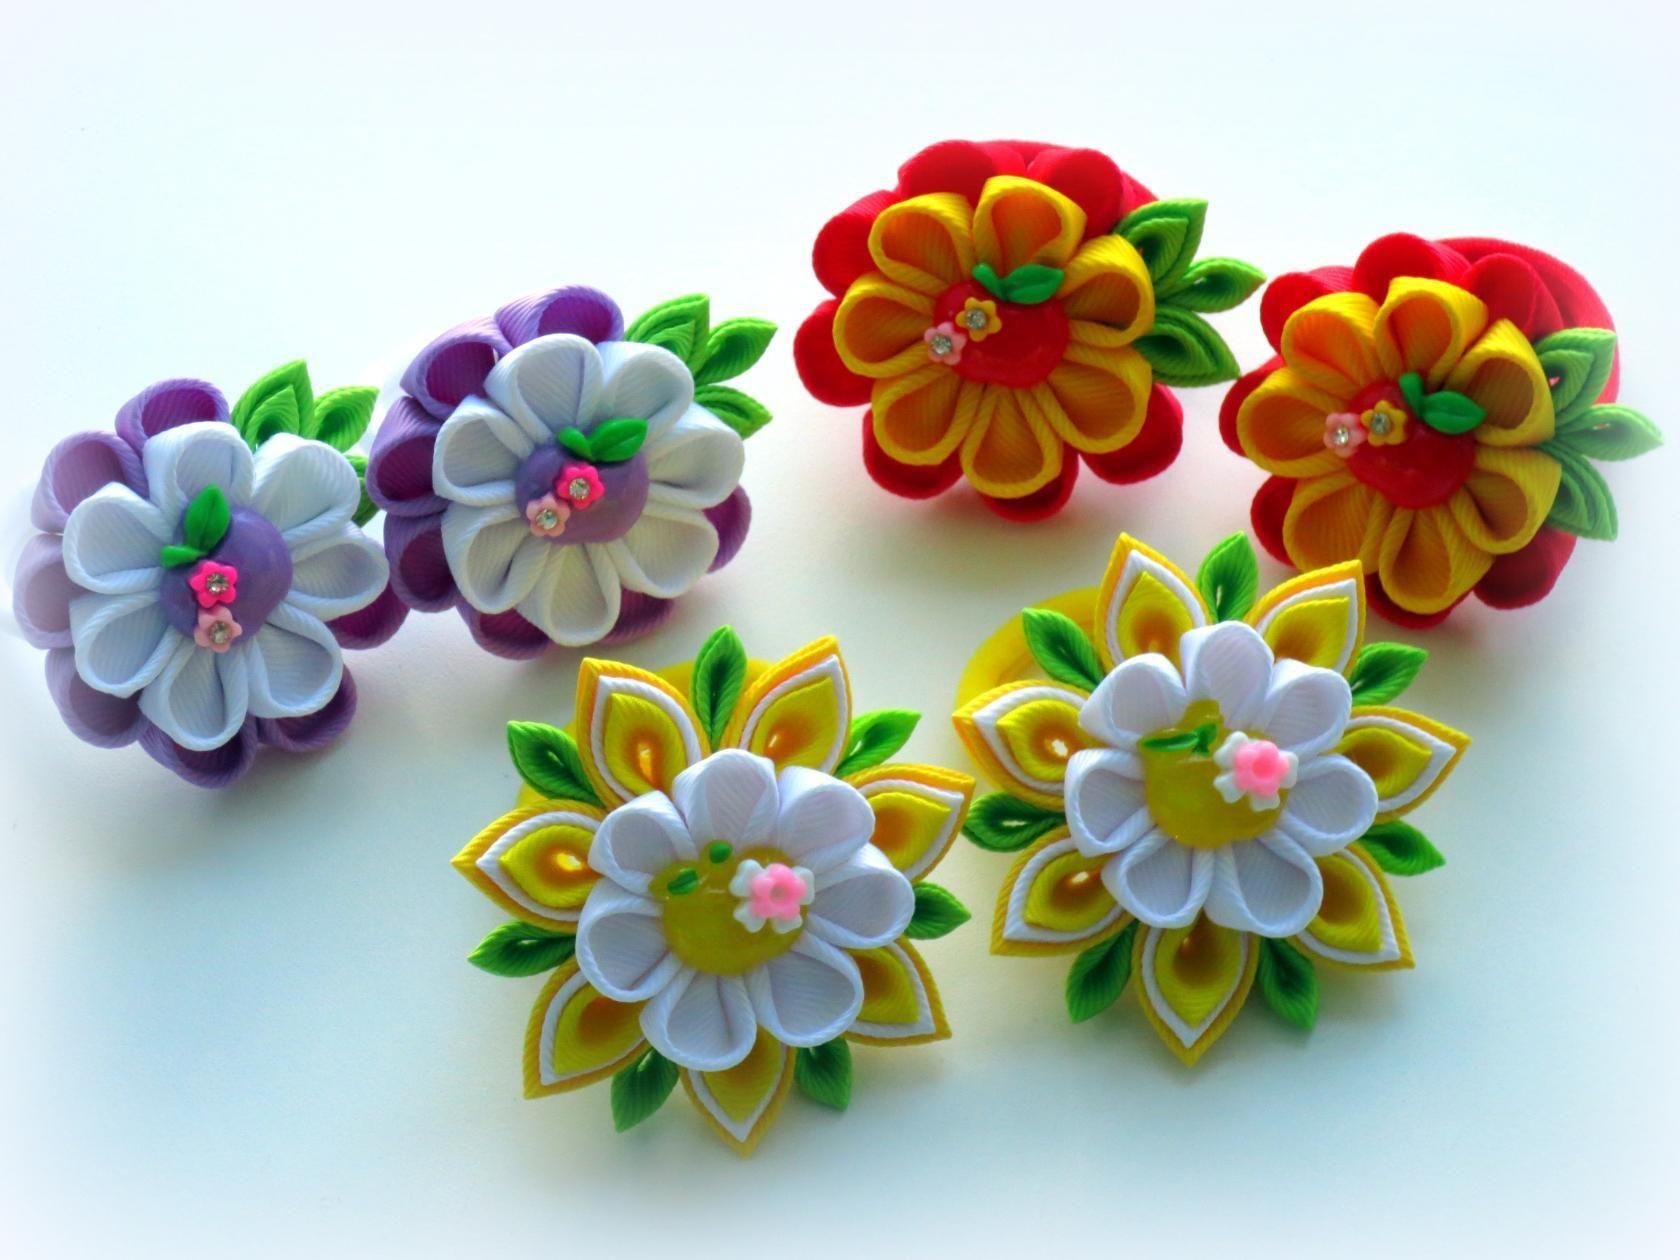 обои цветочки канзаши фото генеральных